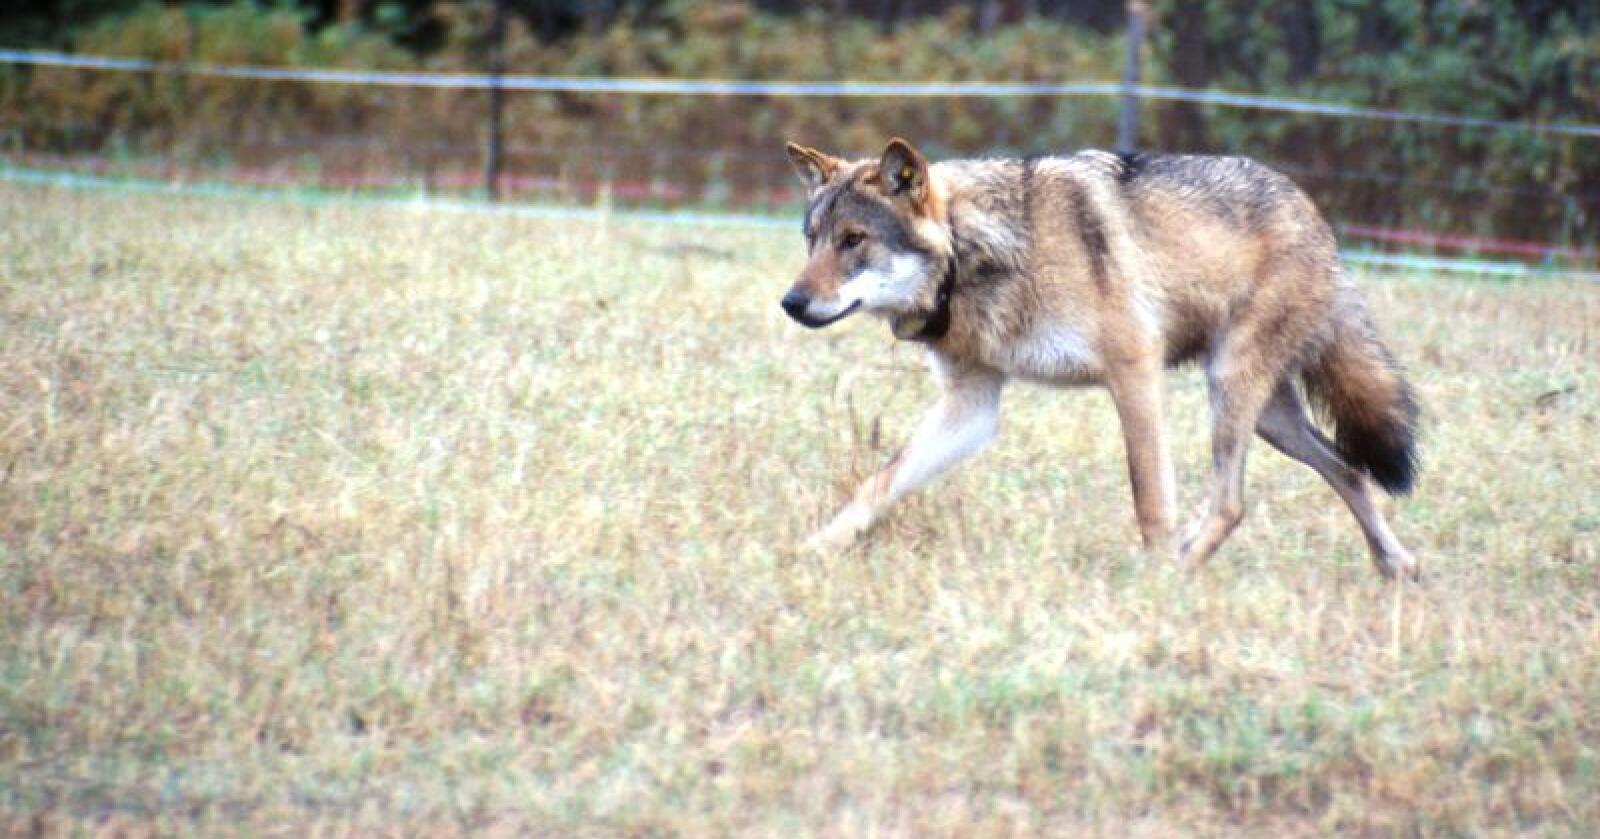 I 2019 ble det utbetalt til sammen 249 000 danske kroner for tap forårsaket av ulv i Danmark. Illustrasjonsfoto: Lars Gangås, SNO